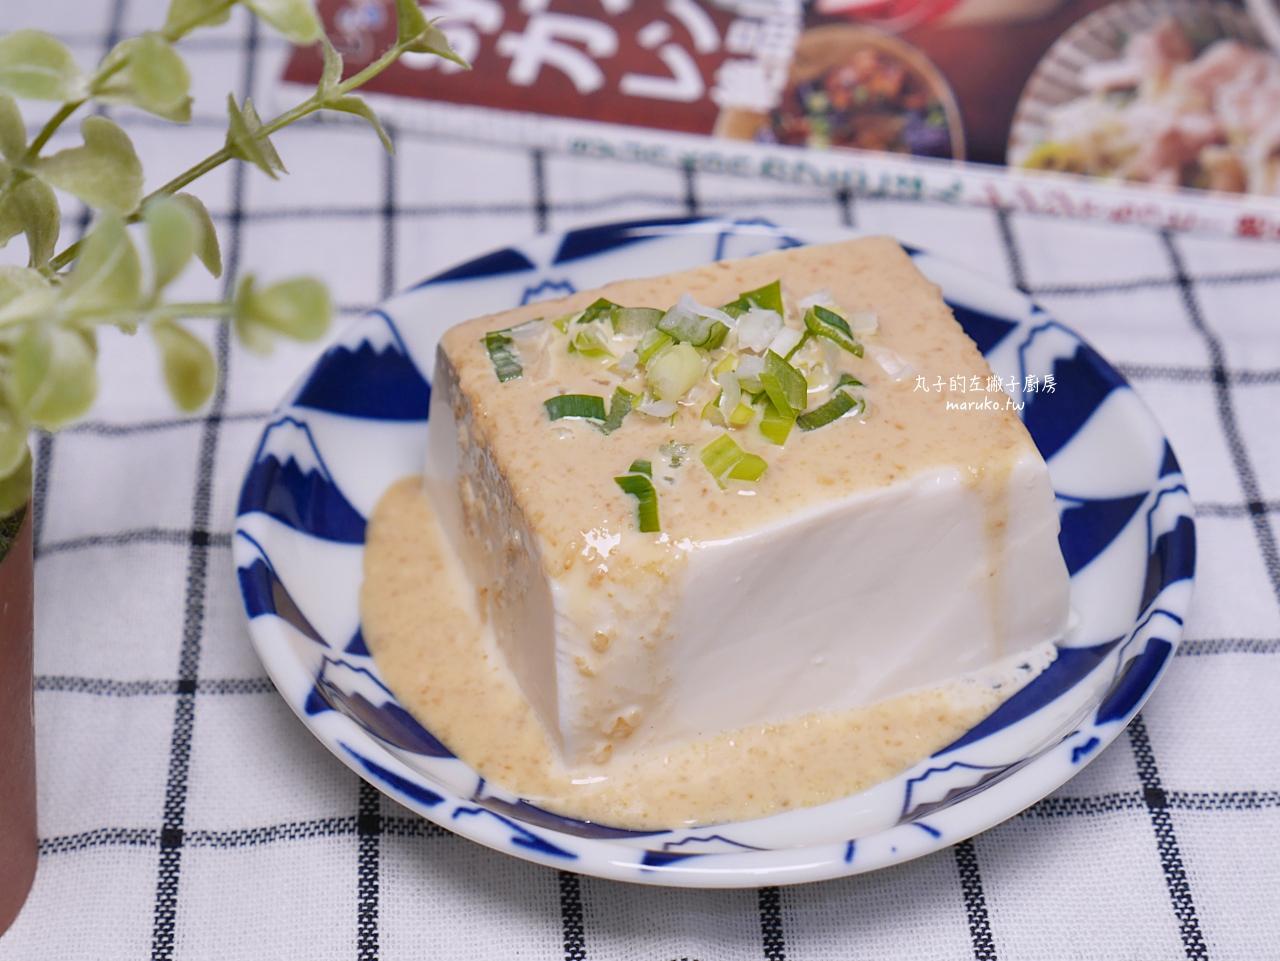 【食譜】胡麻豆腐/免開火/五分鐘輕鬆做日式胡麻醬拌麵拌生菜沙拉簡單做